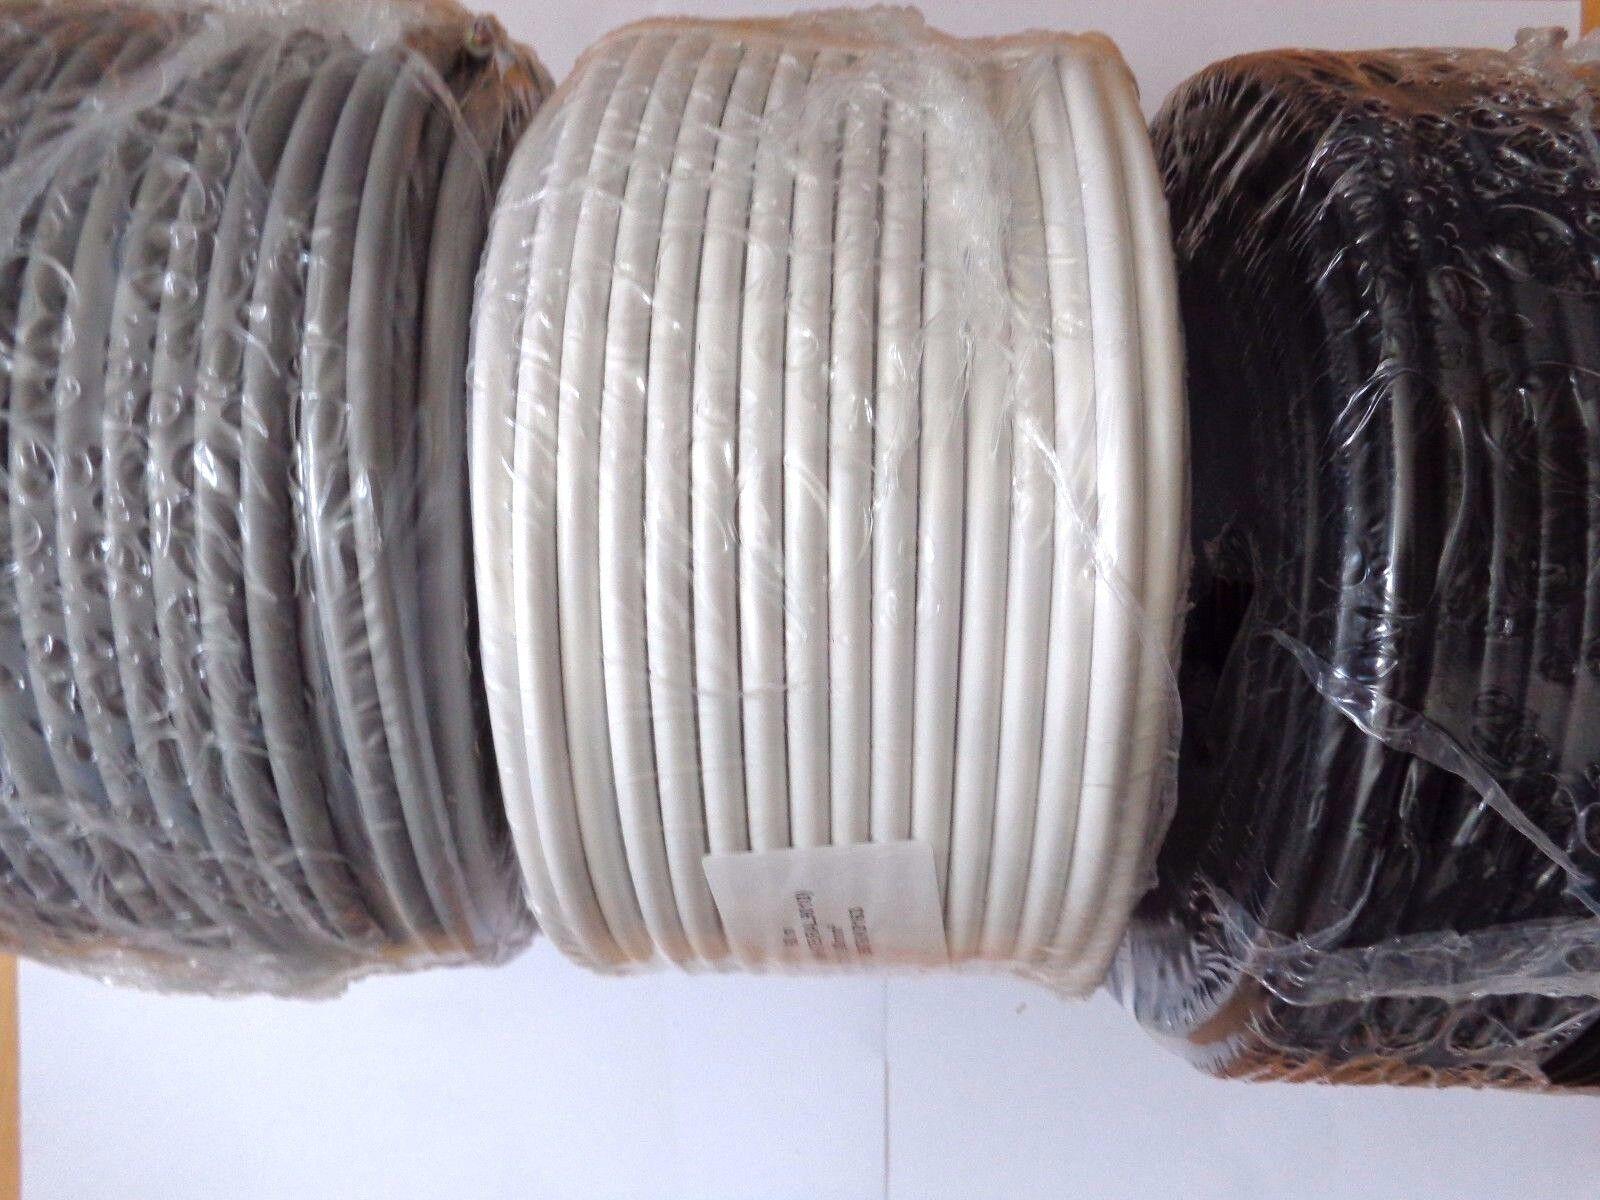 H05VV-F PVC-Leitung Schlauchleitung flexibles Kabel Ring 100 50 m | Angemessene Lieferung und pünktliche Lieferung